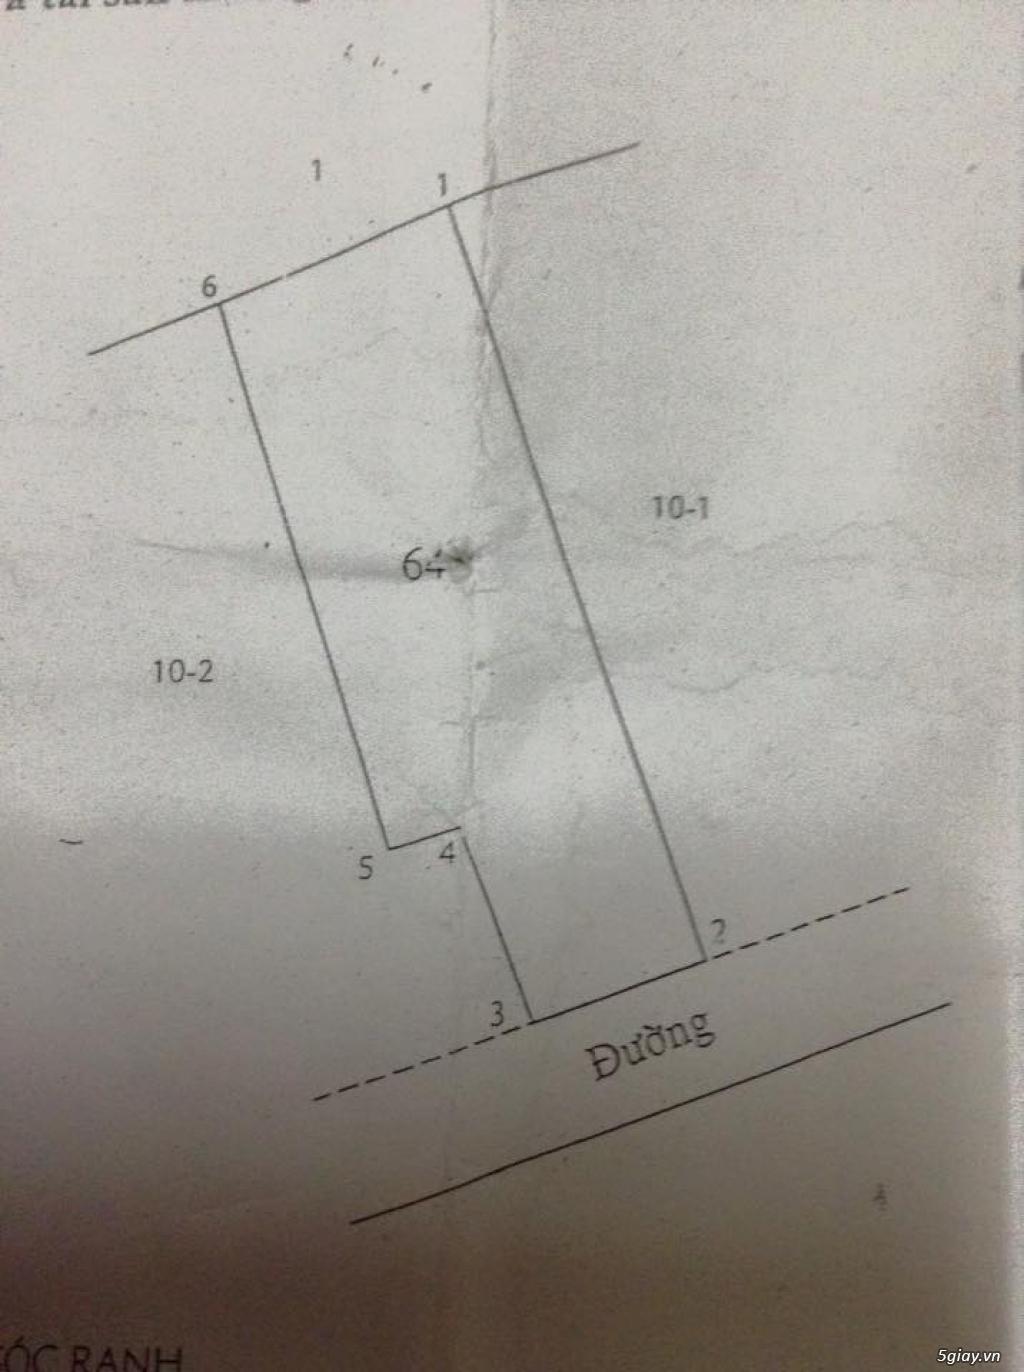 Bán Gấp 15 Phòng Trọ mới xây dựng , Quận 9 , TP.HCM ... - 5